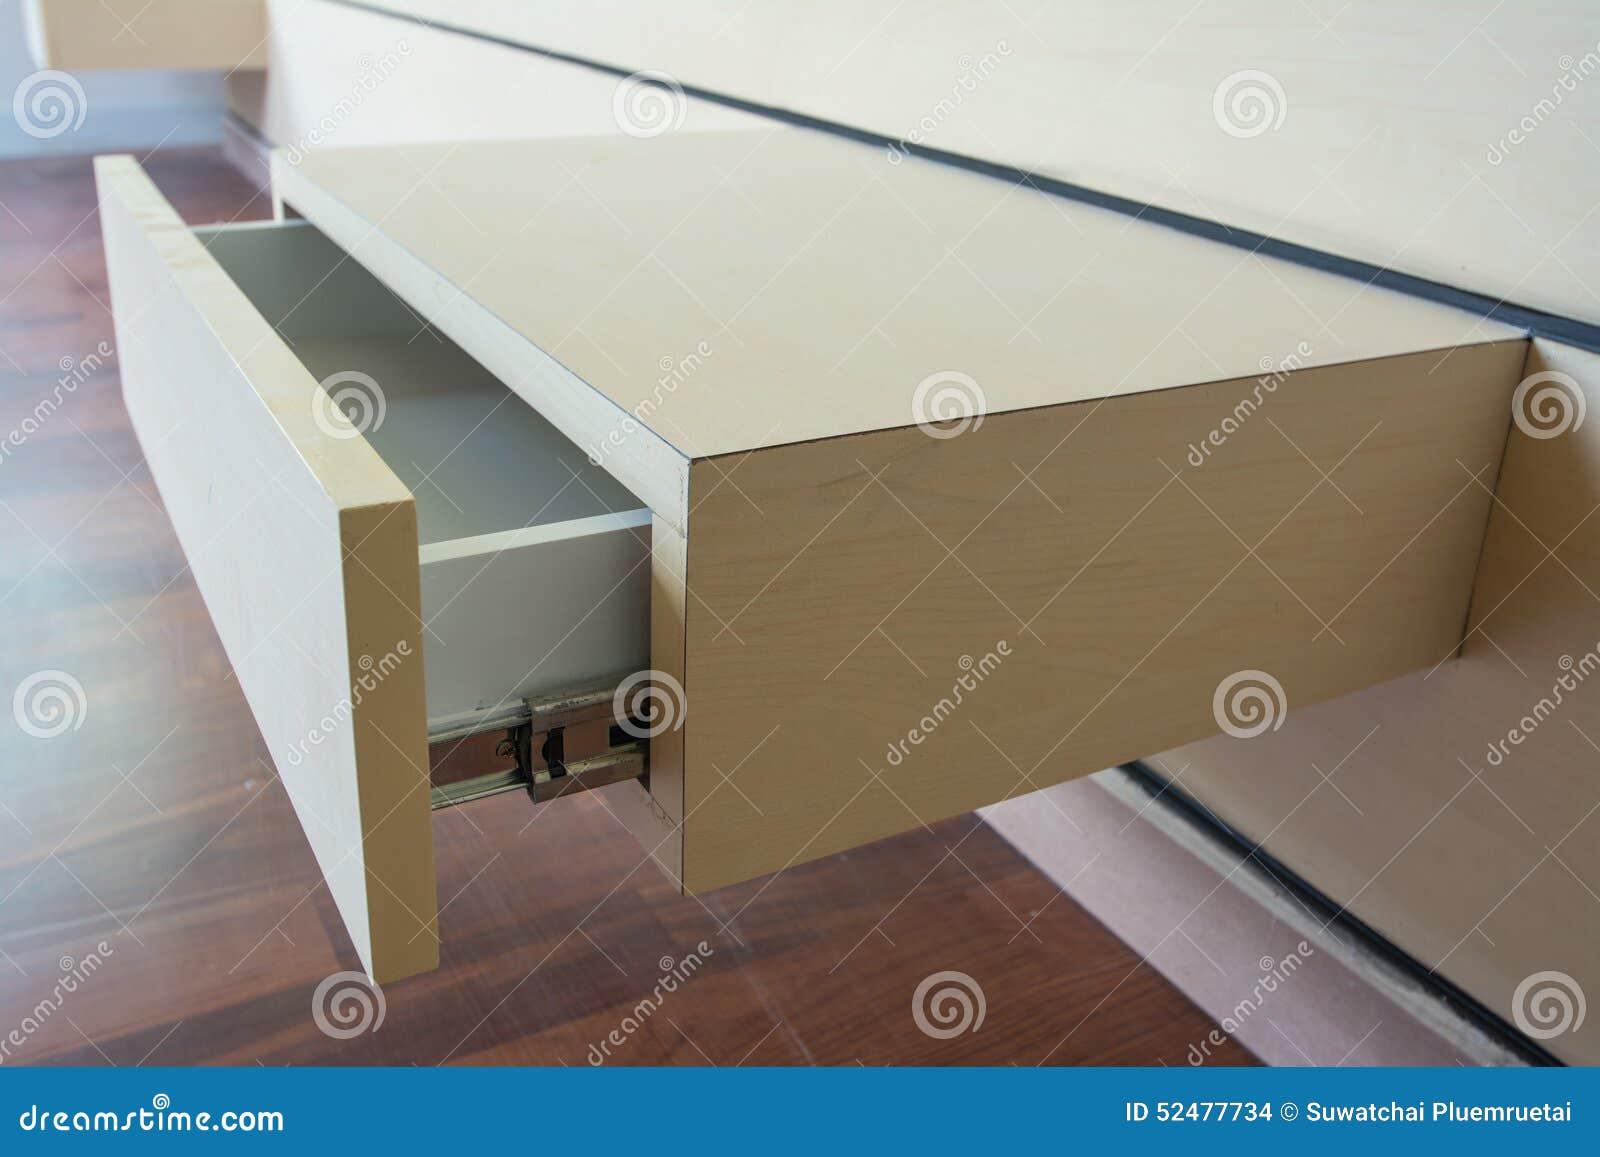 Drewniany kreślarz